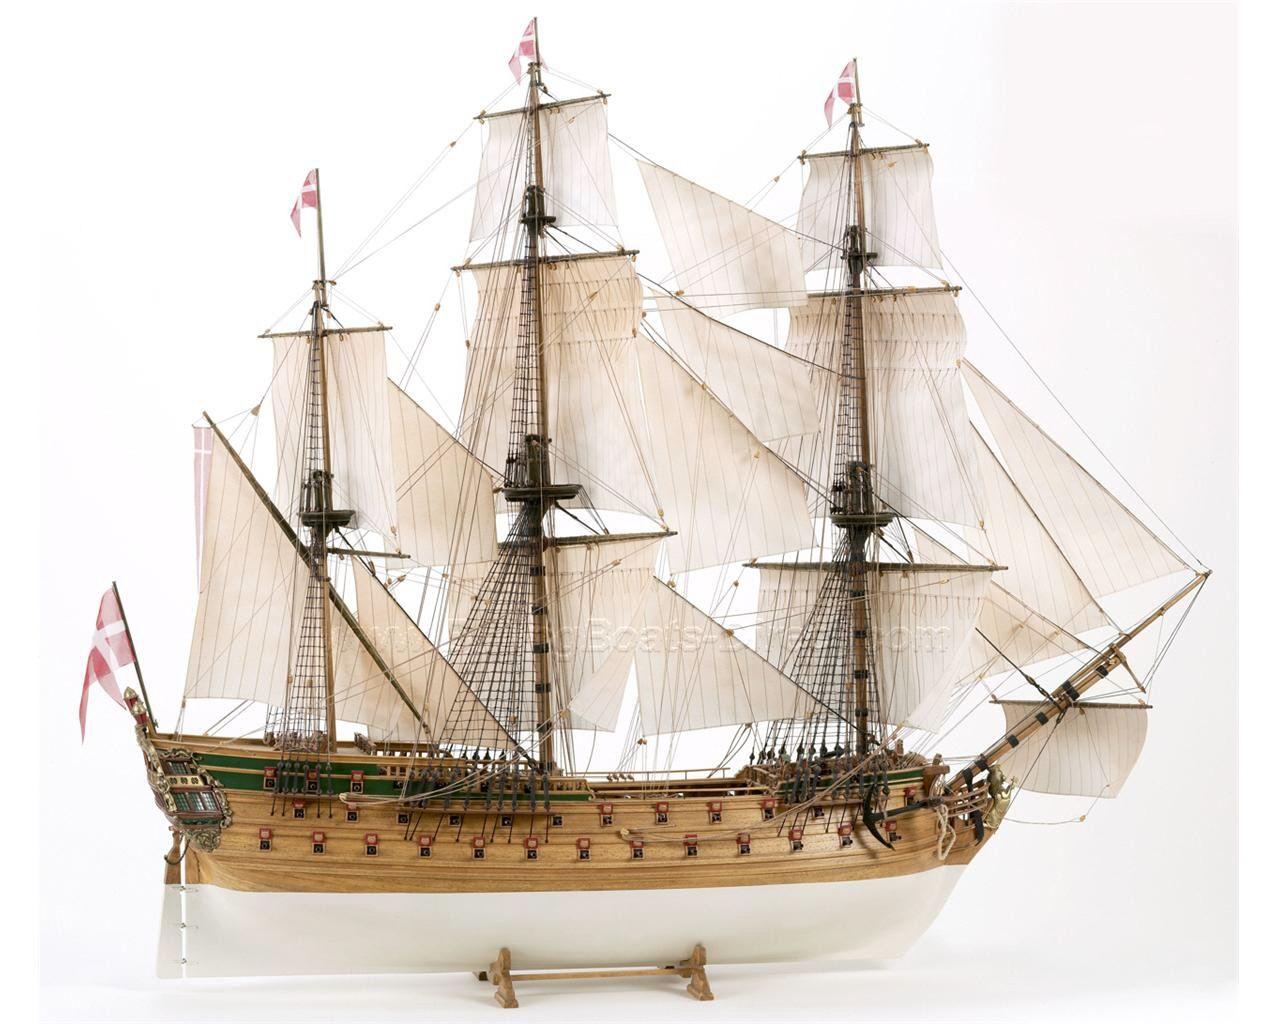 Norske Love Model Ship Kit - Billing Boats (B437)